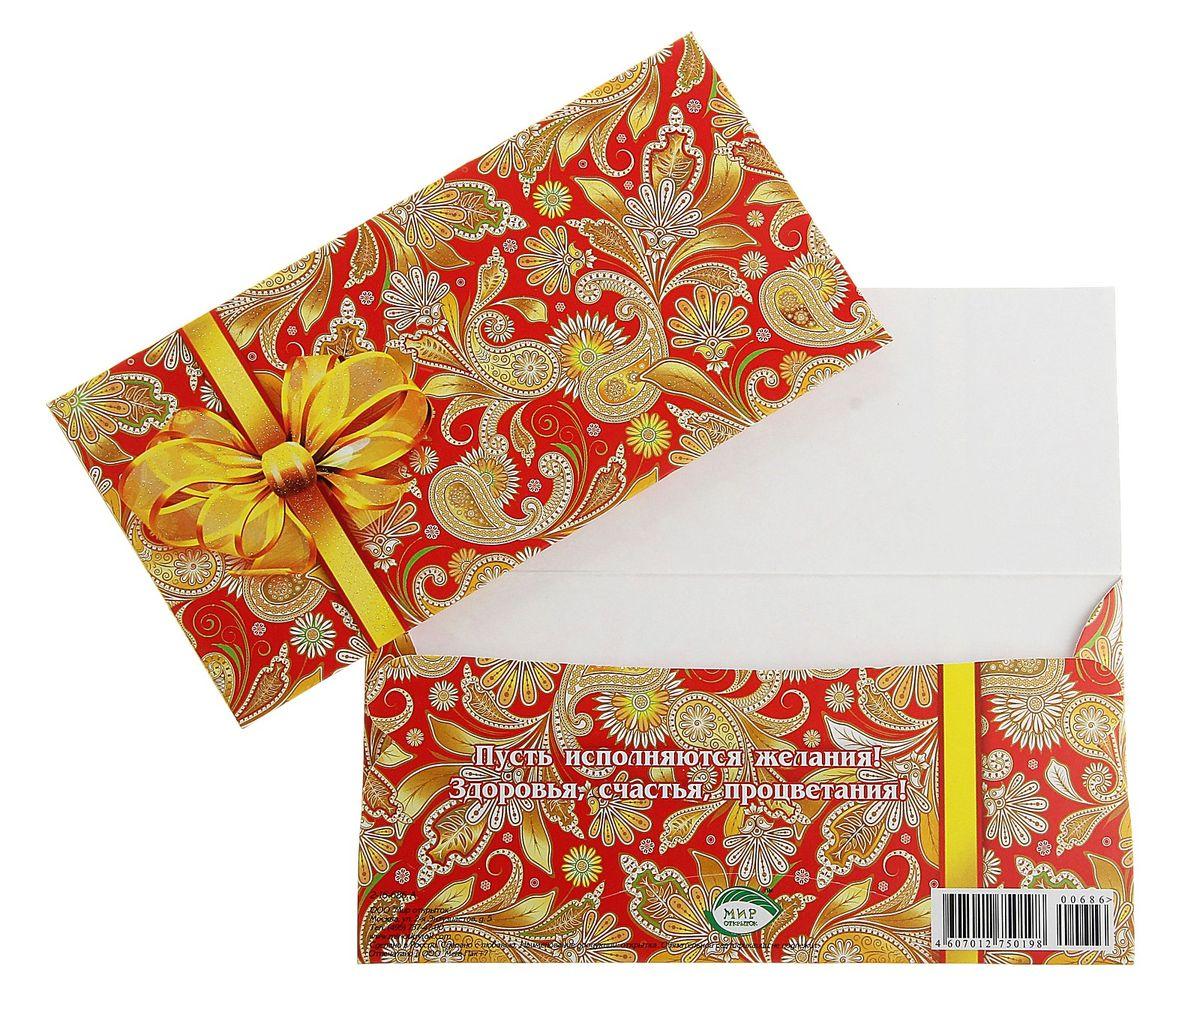 Конверт для денег Sima-land. 778397778397Конверт для денег Sima-land выполнен из плотной бумаги и украшен яркой картинкой. Это необычная красивая одежка для денежного подарка, а так же отличная возможность сделать его более праздничным и создать прекрасное настроение! Конверт Sima-land- идеальное решение, если вы хотите подарить деньги. Конверт содержит небольшое поздравительное стихотворение.